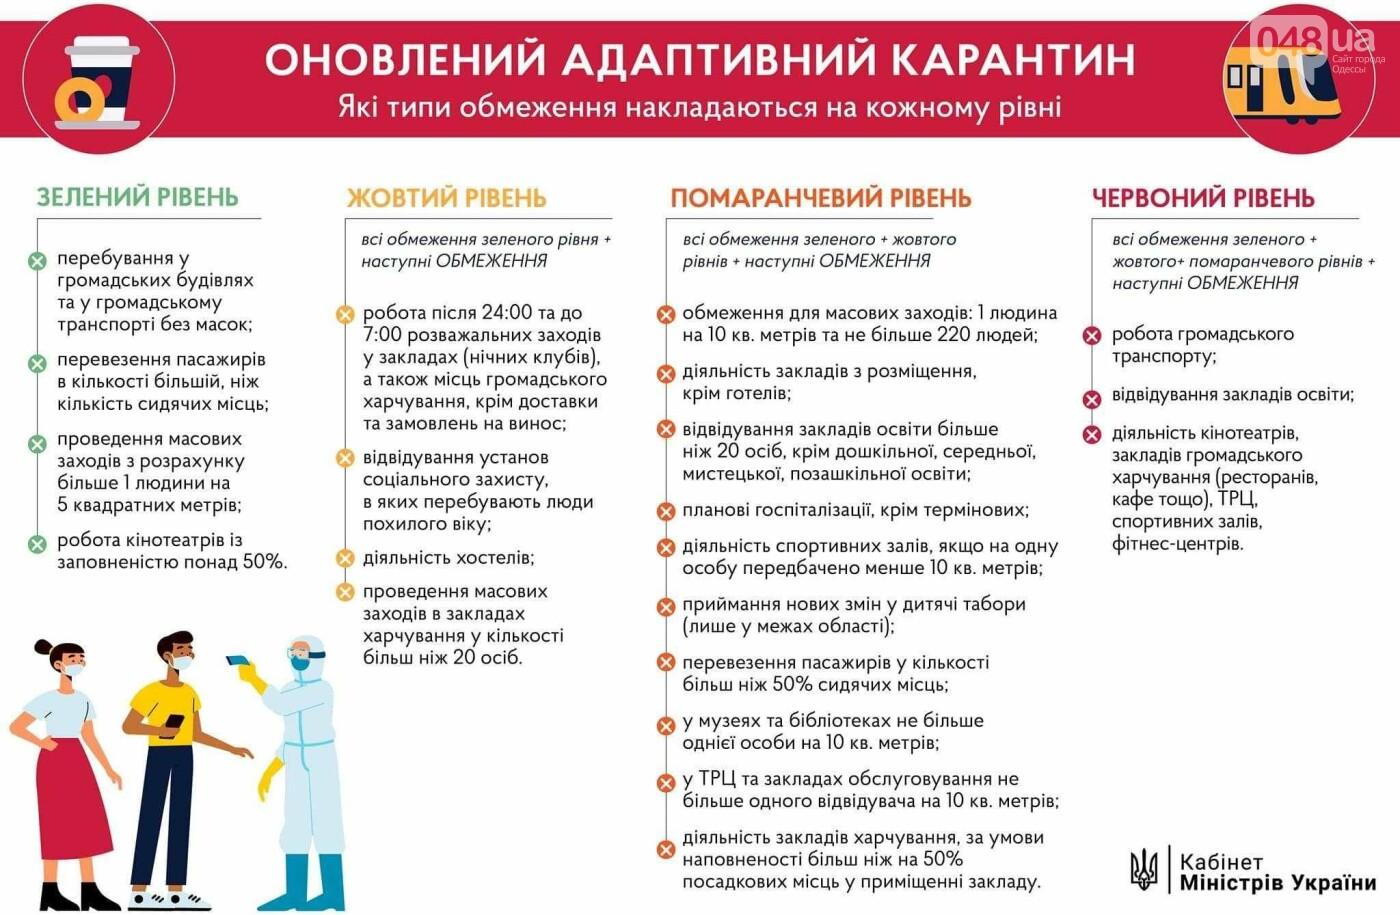 Одесса попала в оранжевую карантинную зону: что запретят, - КАРТА, СПИСОК2